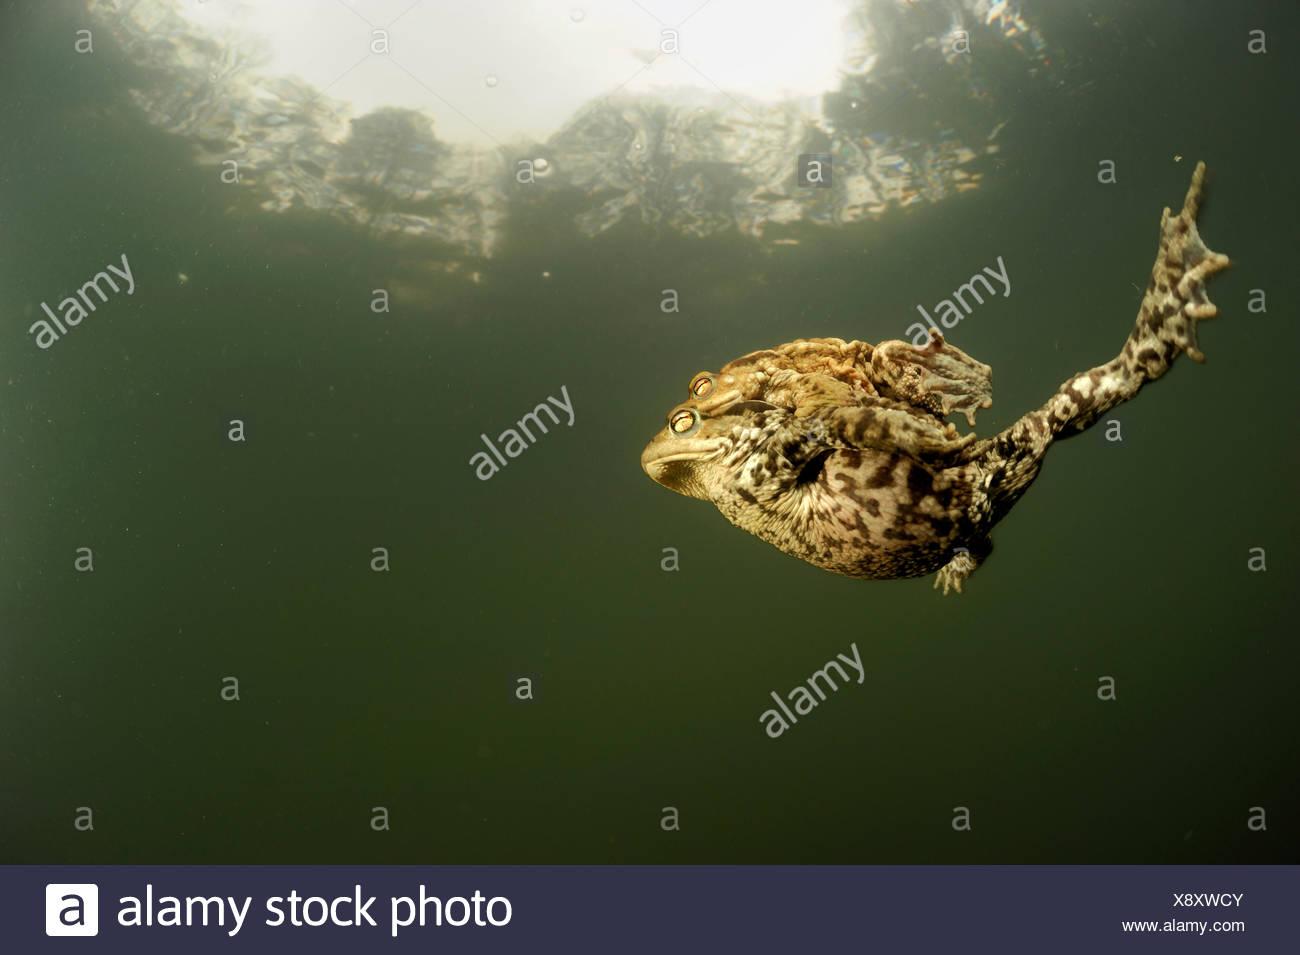 Paar von gemeinsamen europäischen Kröten (Bufo Bufo) gemeinsam schwimmen im Teich, Deutschland Stockbild